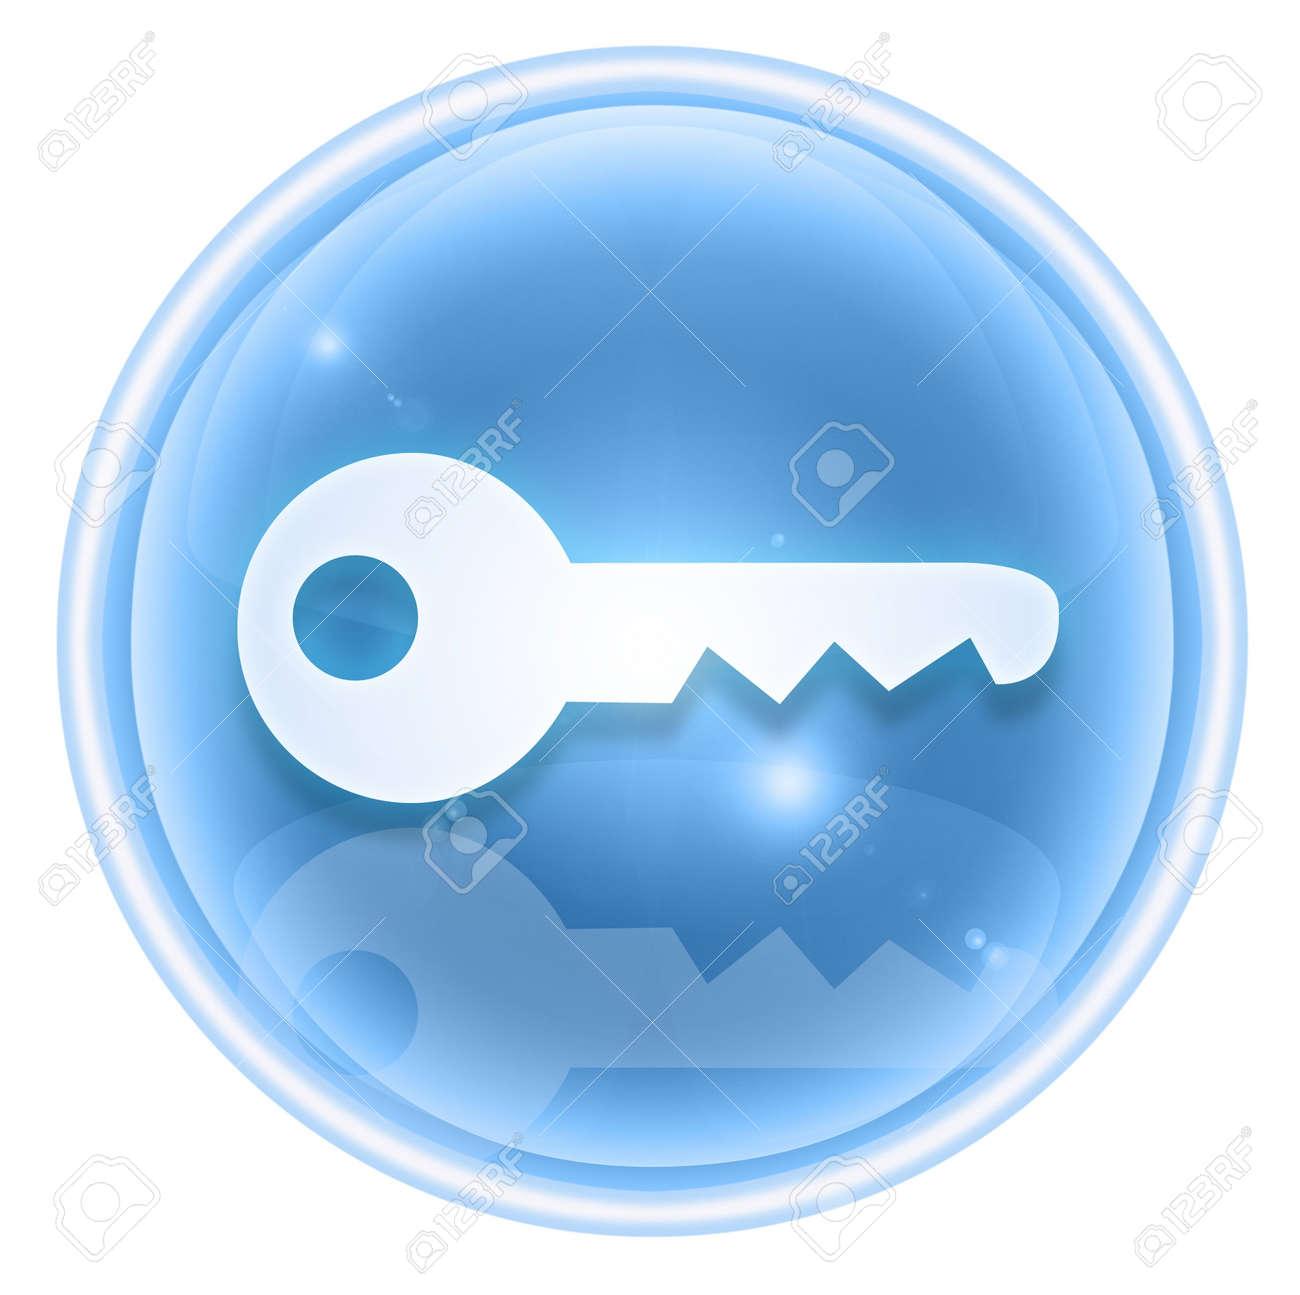 Key icon ice, isolated on white background Stock Photo - 4525834